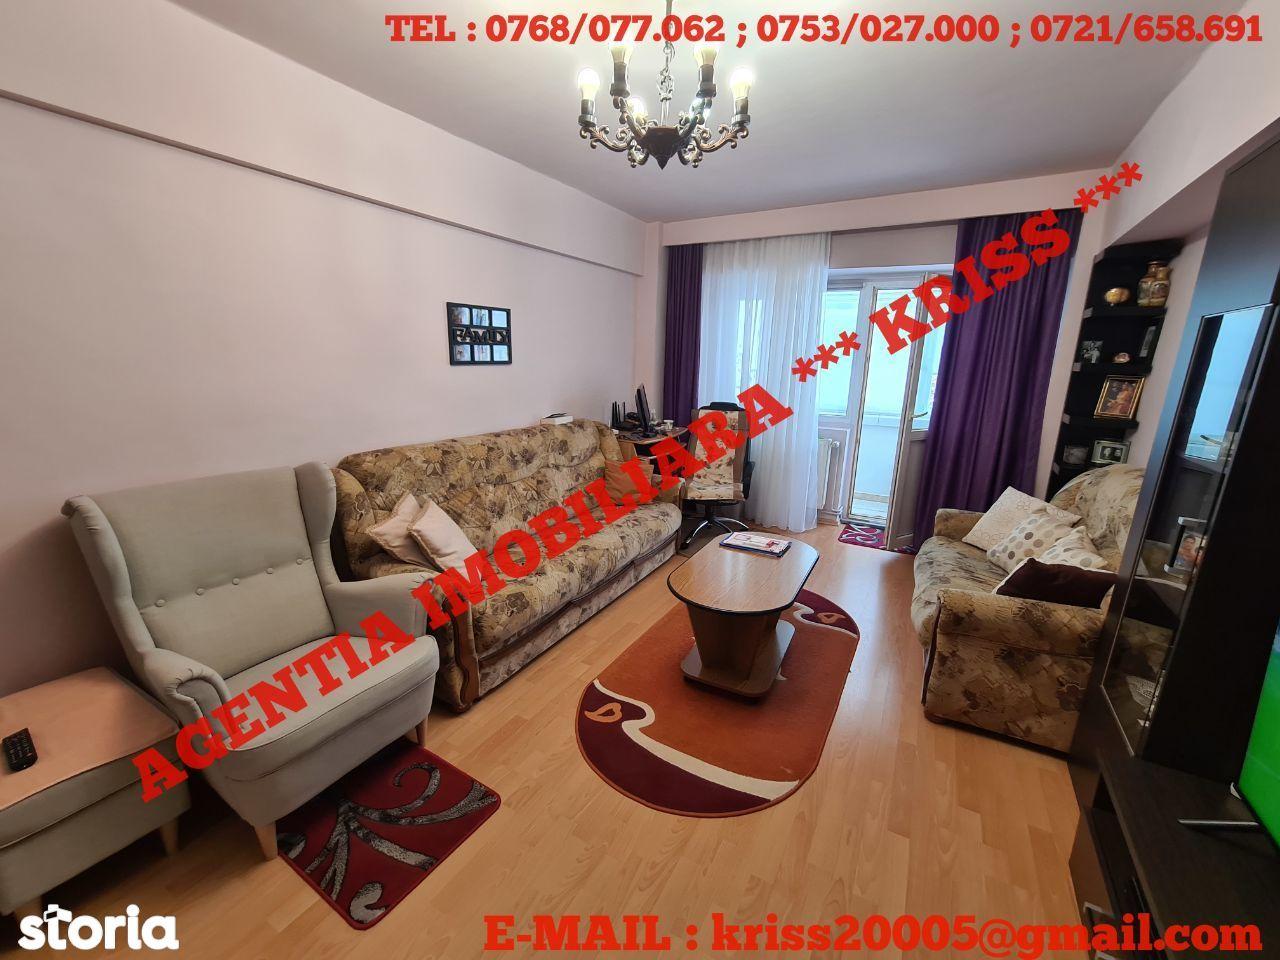 Apartament 3 Camere PRUNDU Etaj 1 CF. 1 Decomandat 2 Balcoane